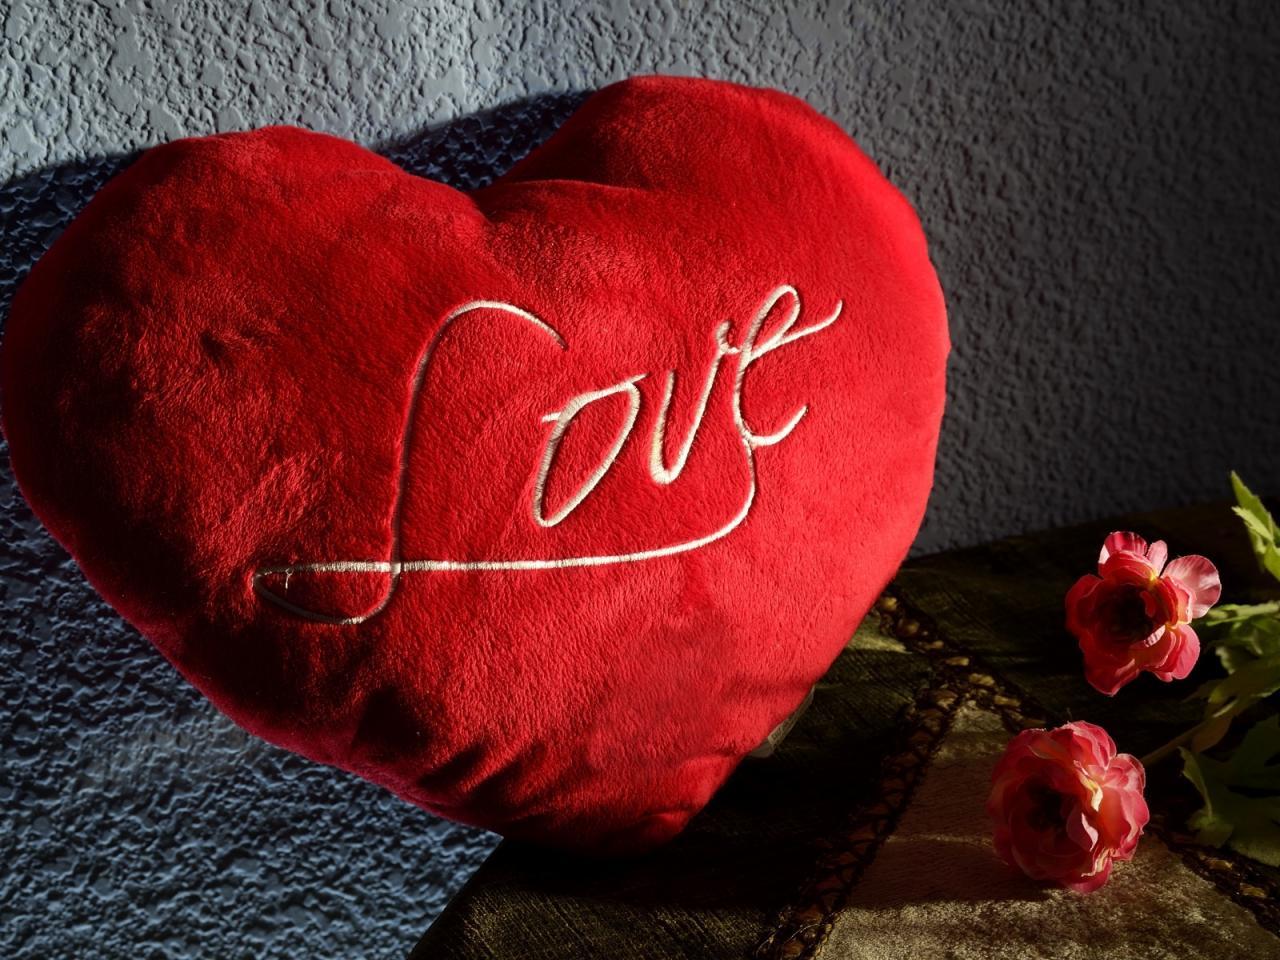 بالصور خلفيات قلوب للكمبيوتر , صور لاجمل قلوب علي الاب توب 3172 5